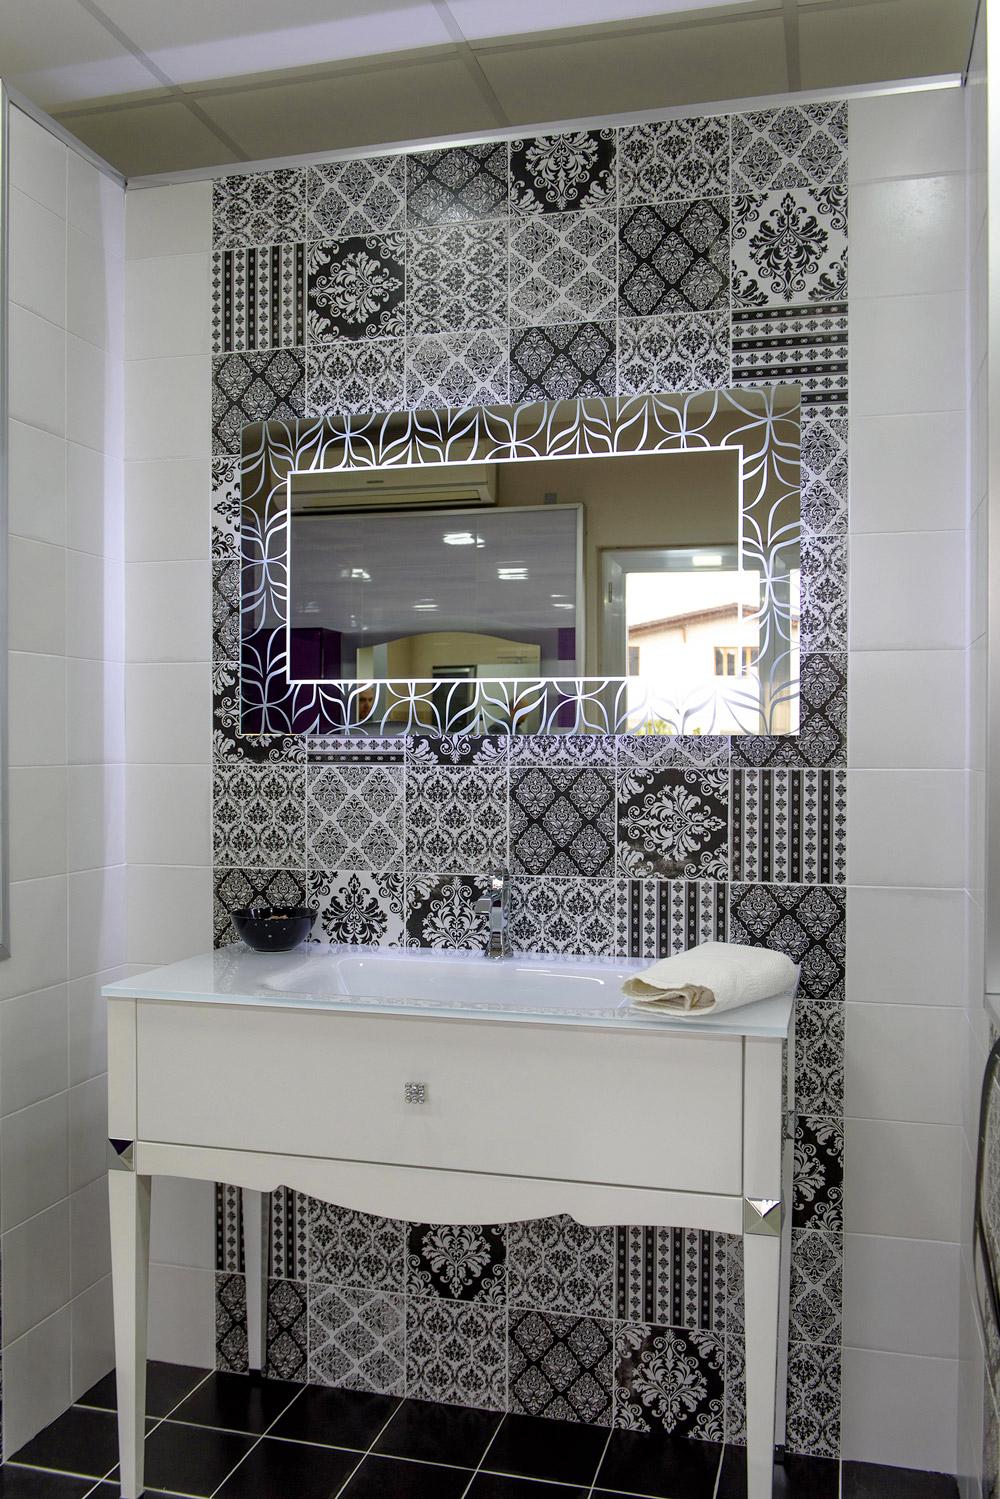 Showroom-miroma-ceramiche-arredobagno-aversa-caserta-napoli-5